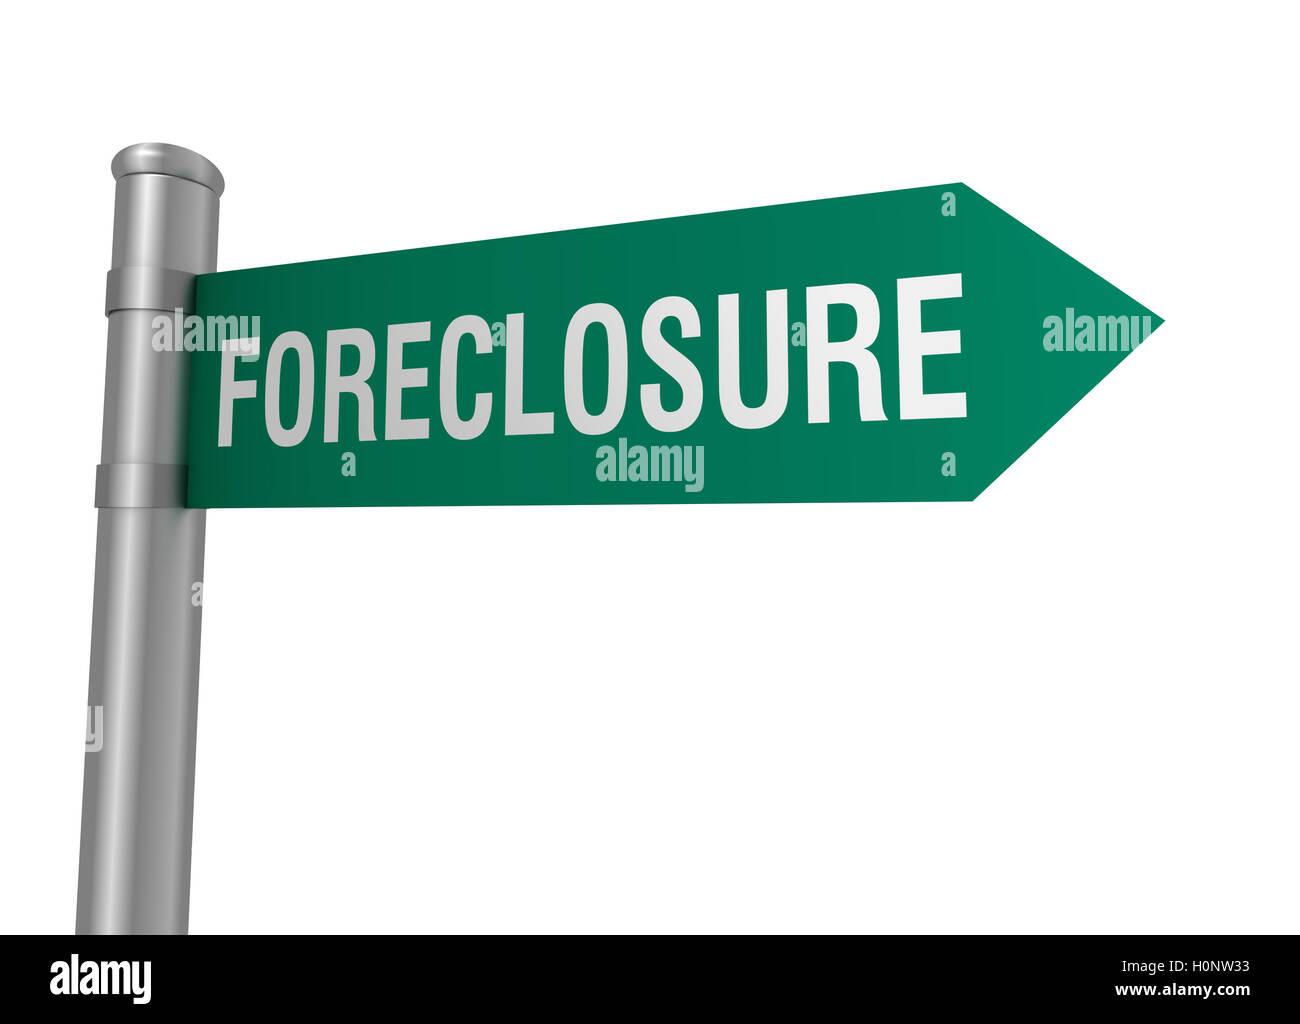 Foreclosure Notice Stock Photos Amp Foreclosure Notice Stock